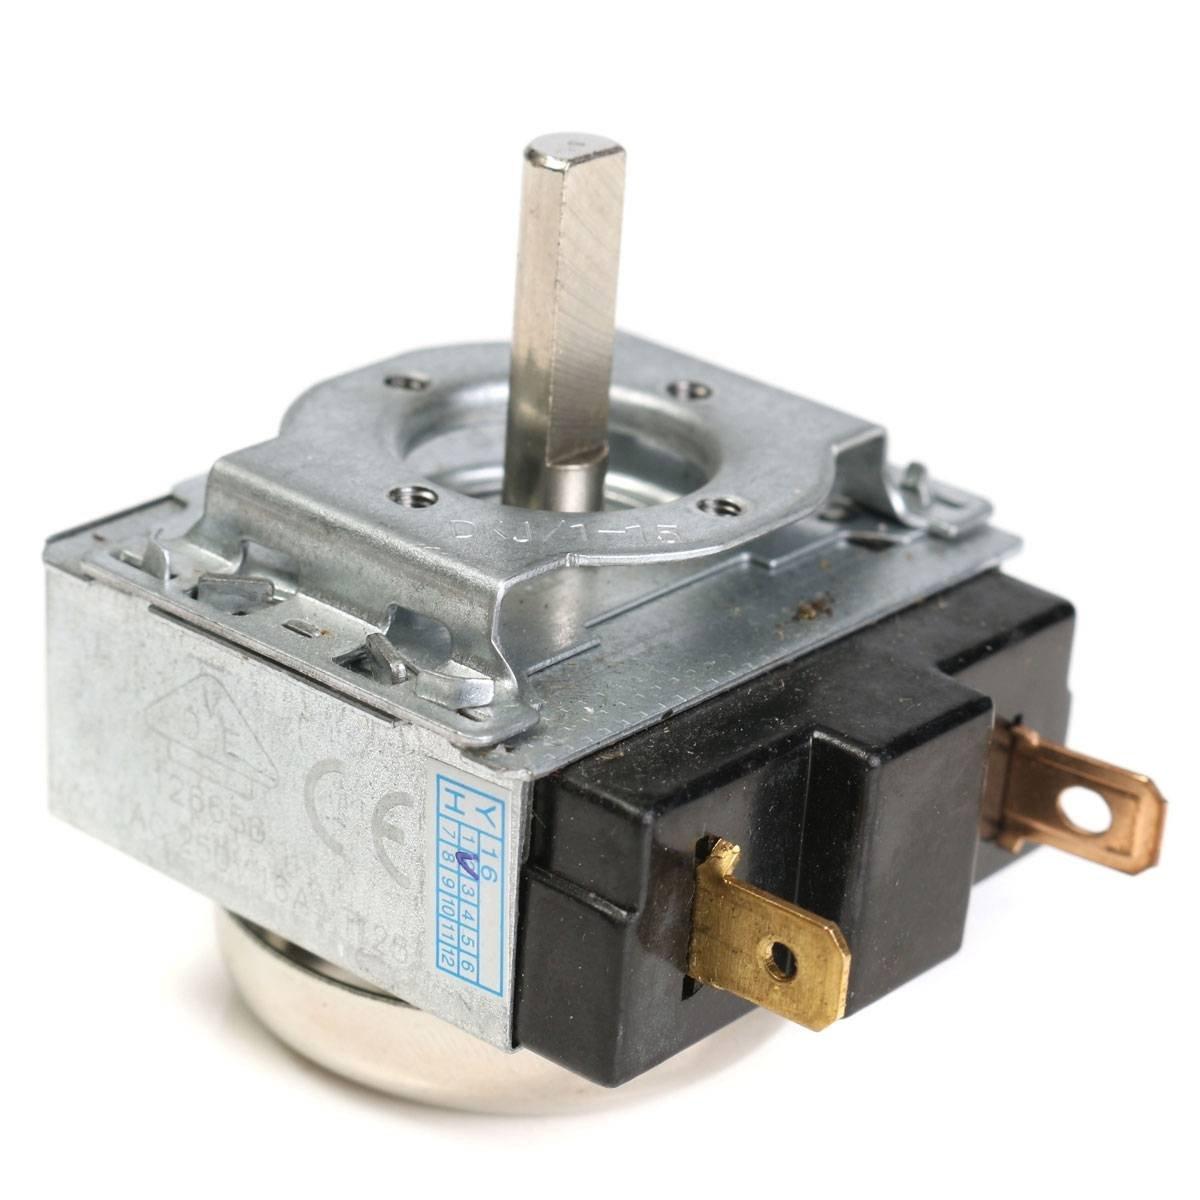 Doradus Dkj / 1-15 - Temporizador electrónico para microondas (15 ...